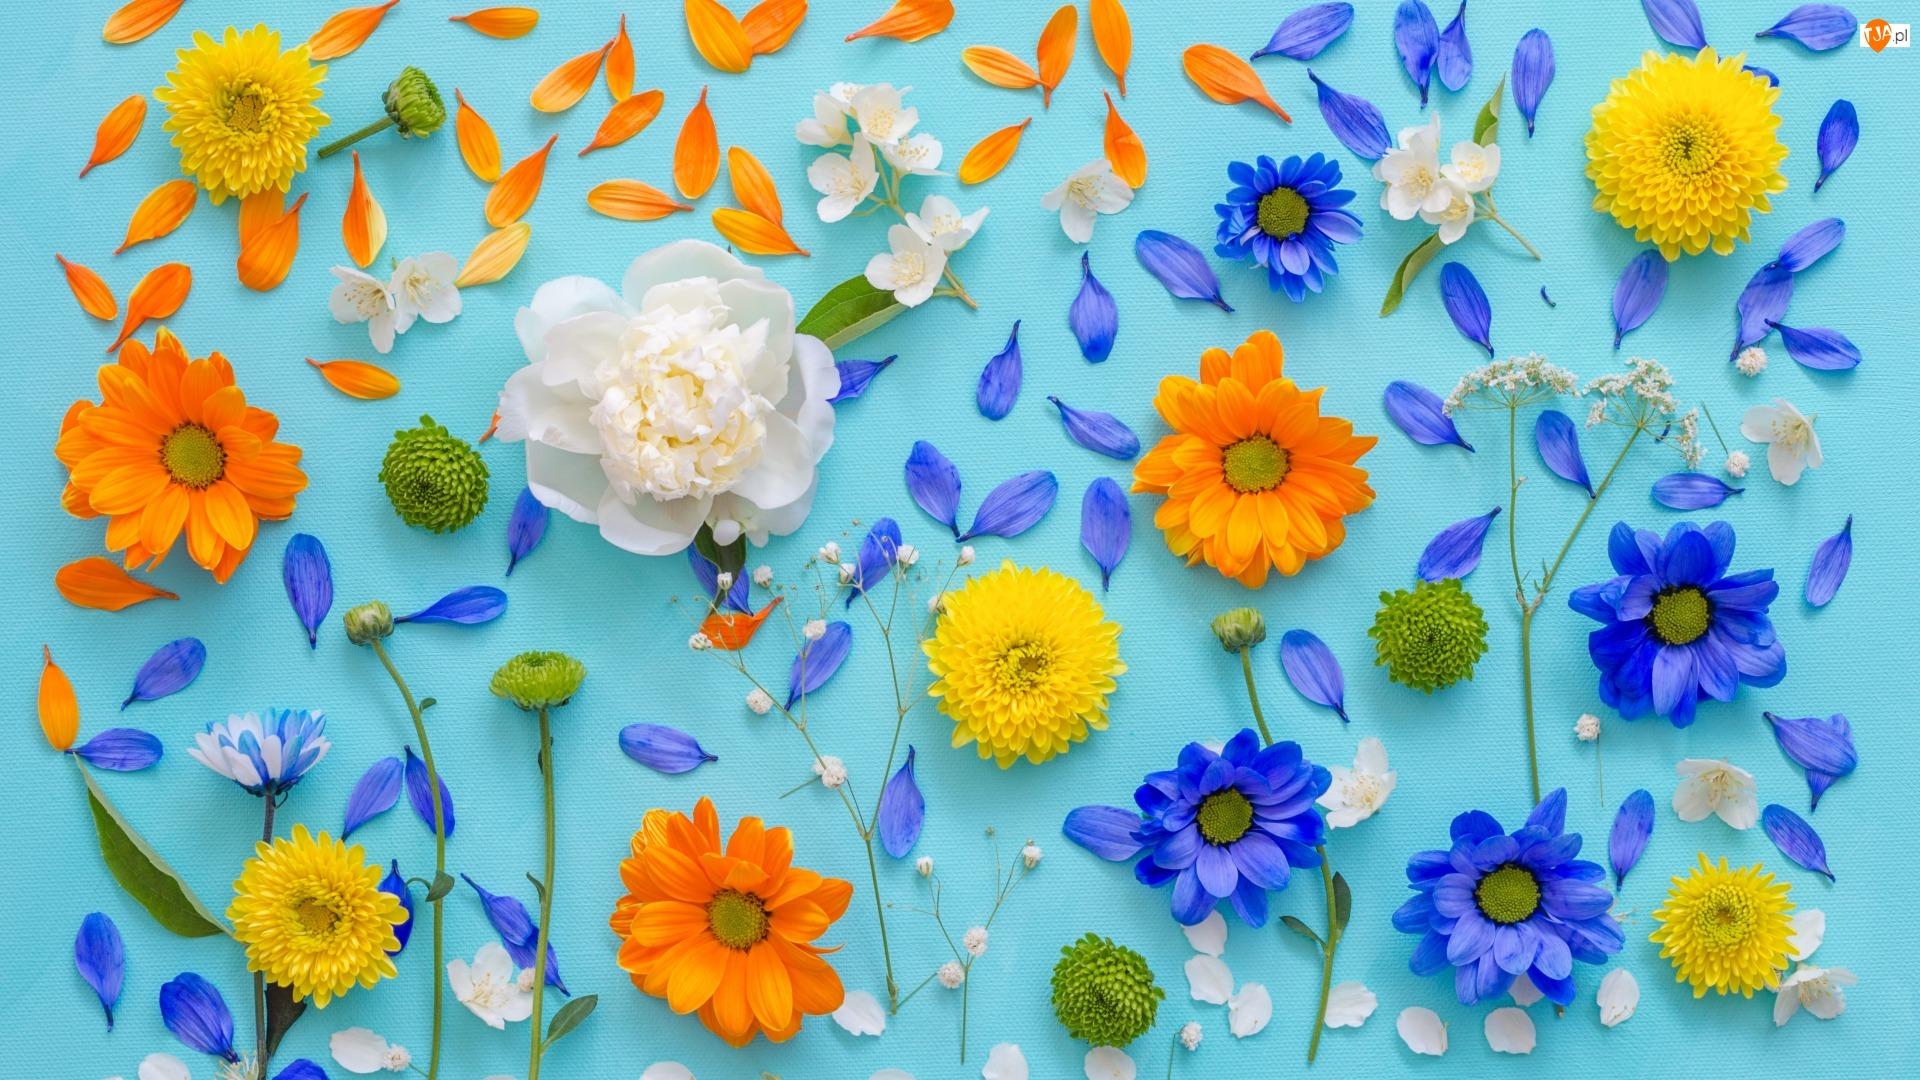 Niebieskie tło, Kolorowe, Płatki, Kwiaty